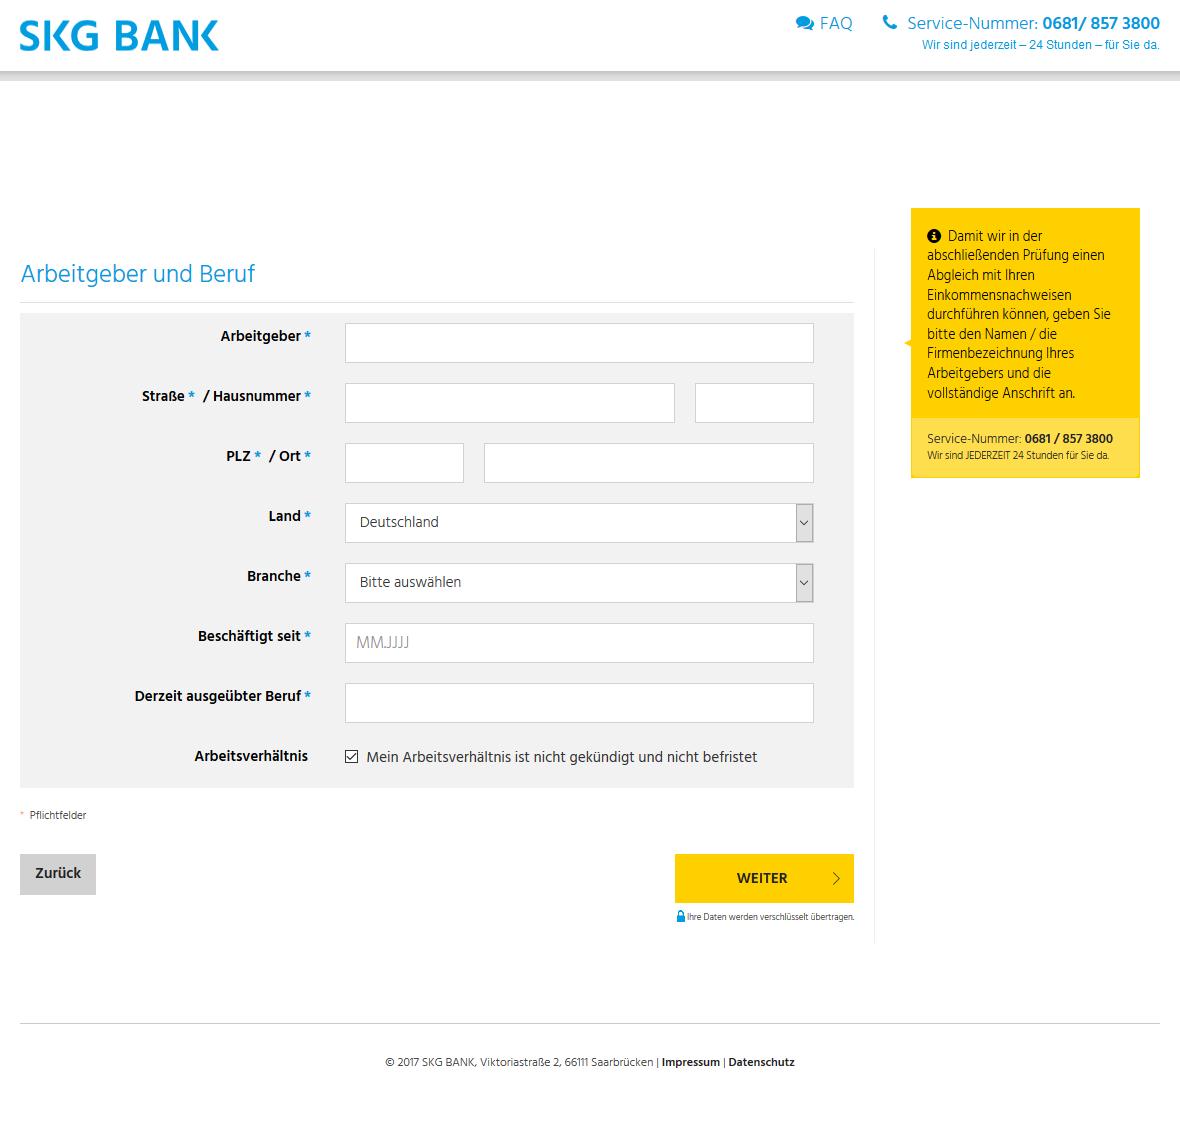 Ausgezeichnet Kostenlose Lebenslauf Datenbank Für Personalvermittler ...